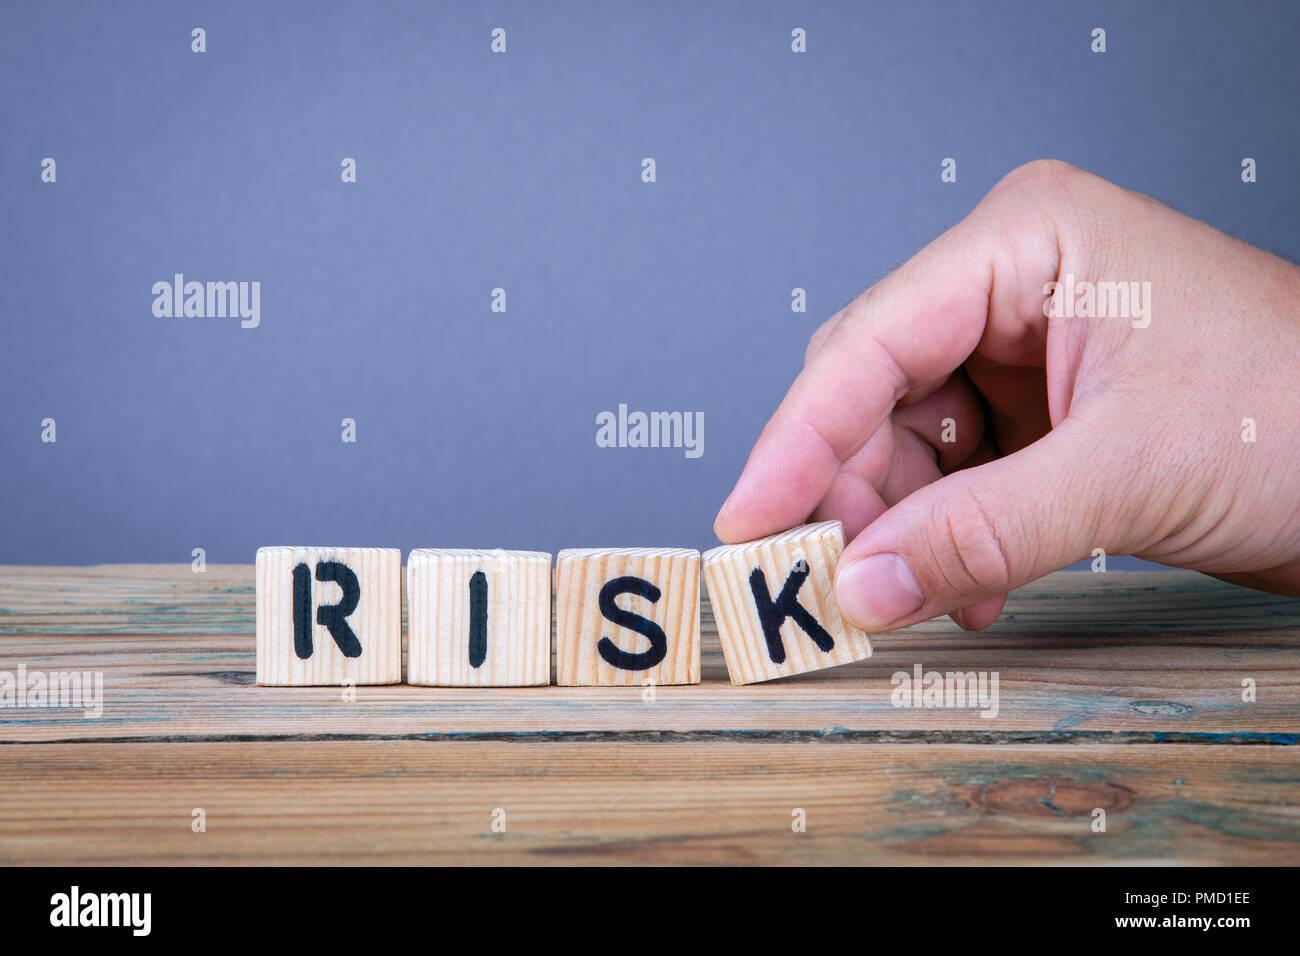 Risiko. Holz- Buchstaben auf dem Schreibtisch Stockbild